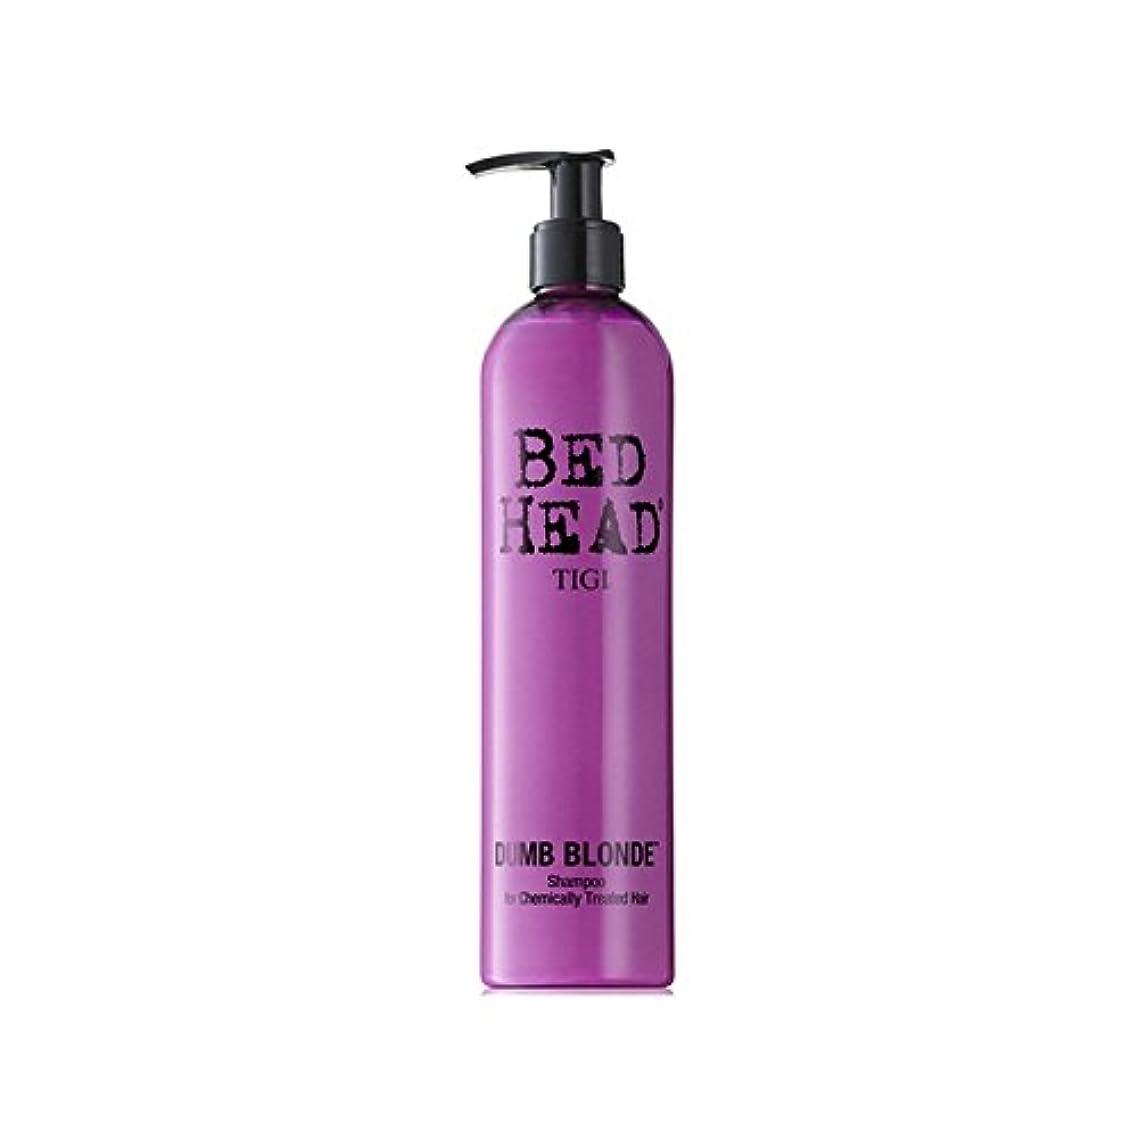 製造アルファベット口ひげティジーベッドヘッドダムブロンドシャンプー400ミリリットル x4 - Tigi Bed Head Dumb Blonde Shampoo 400ml (Pack of 4) [並行輸入品]